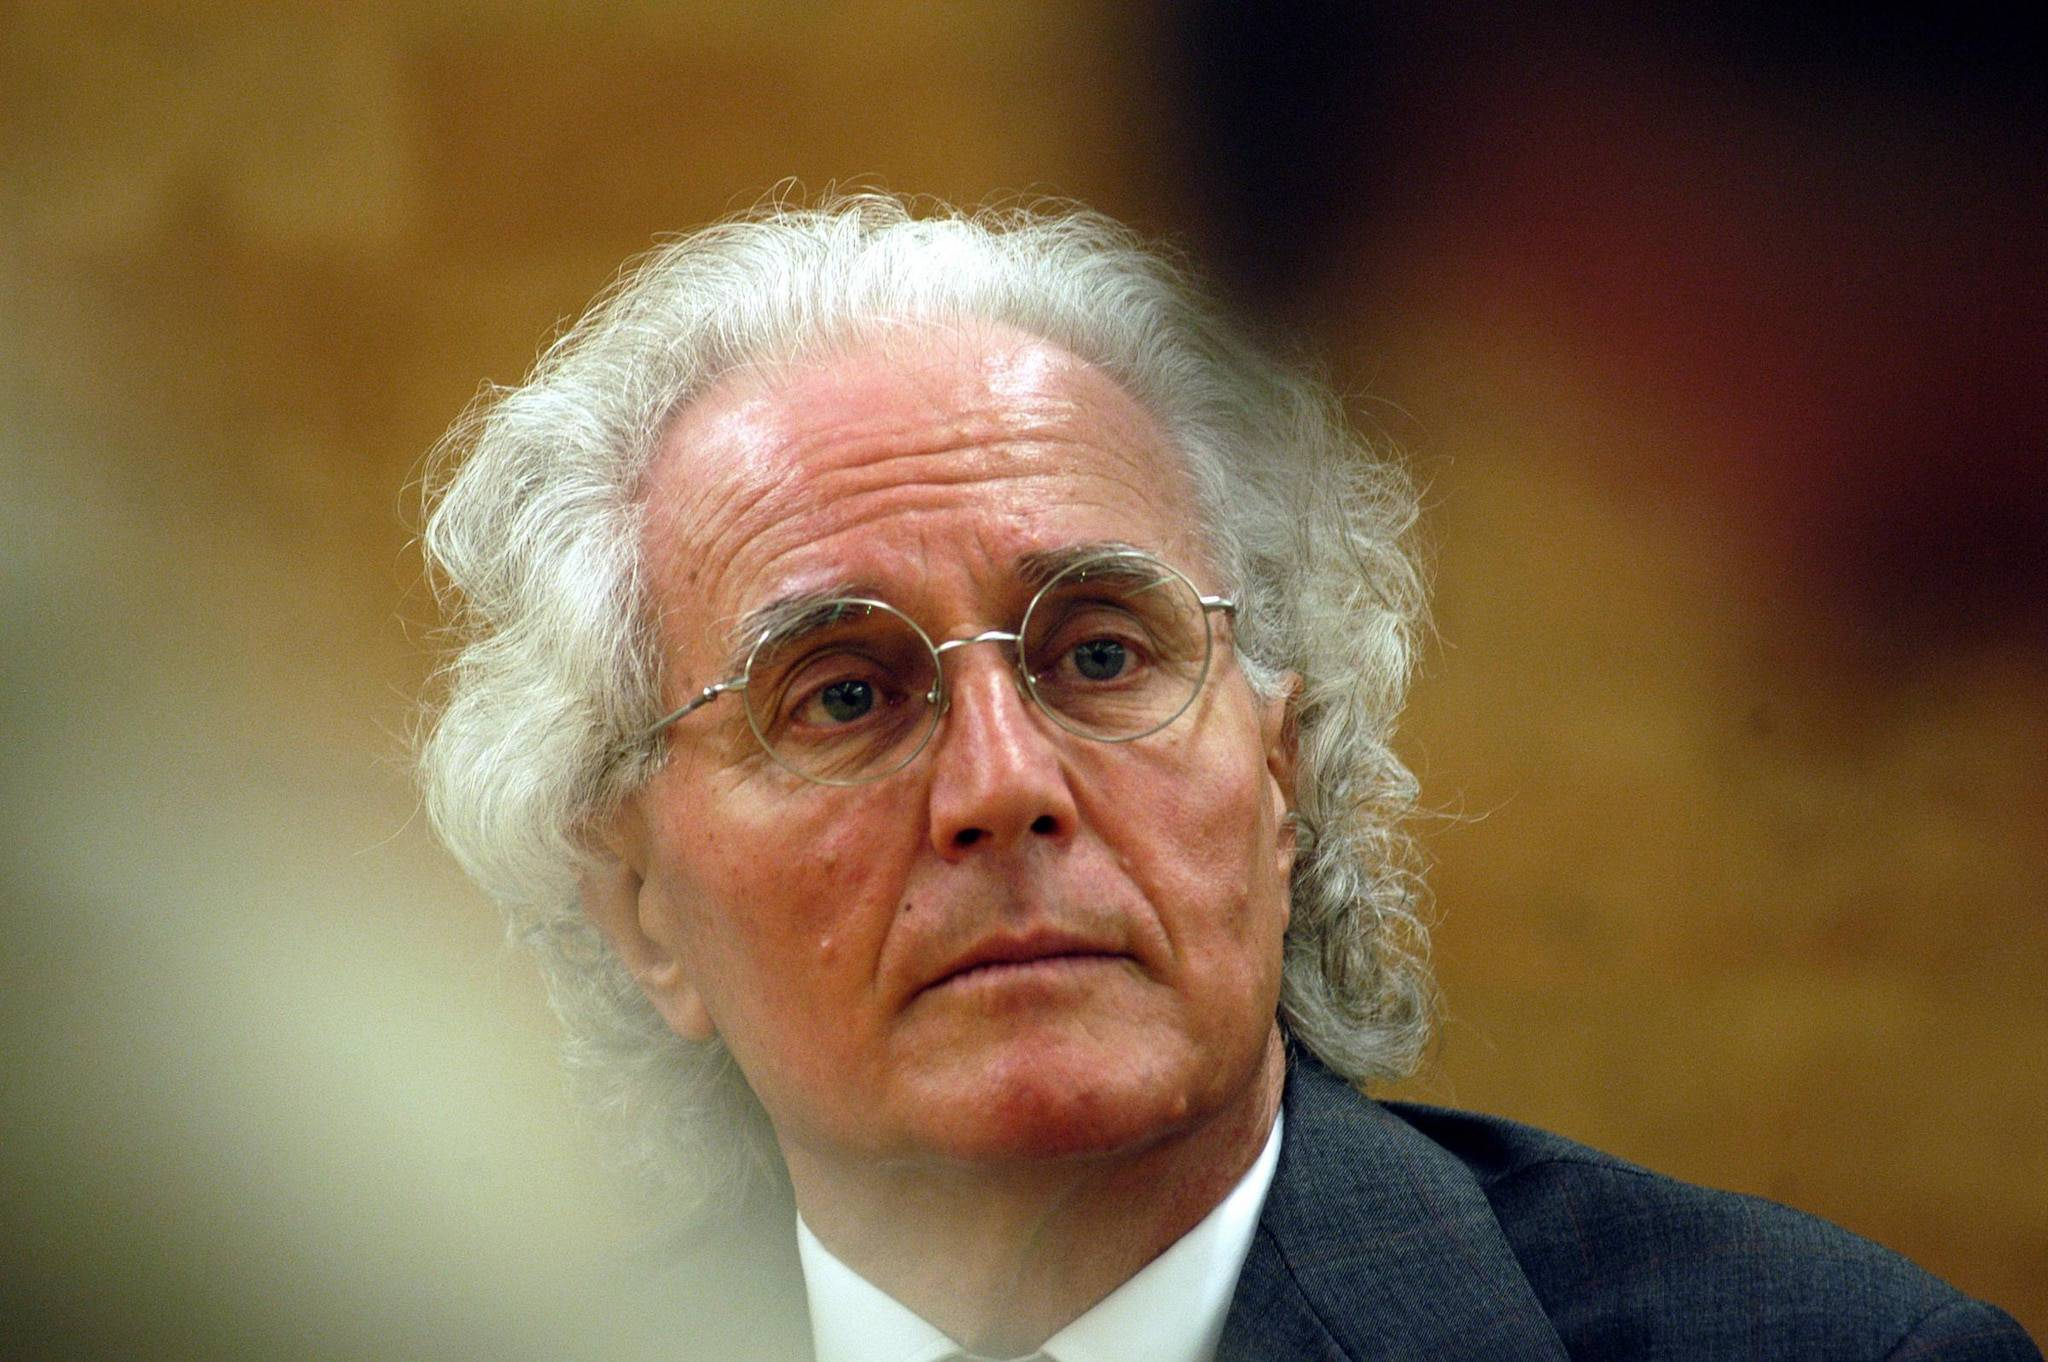 """Autostrade, Benetton attacca: """"Un vero e proprio esproprio"""" - Leggilo.org"""